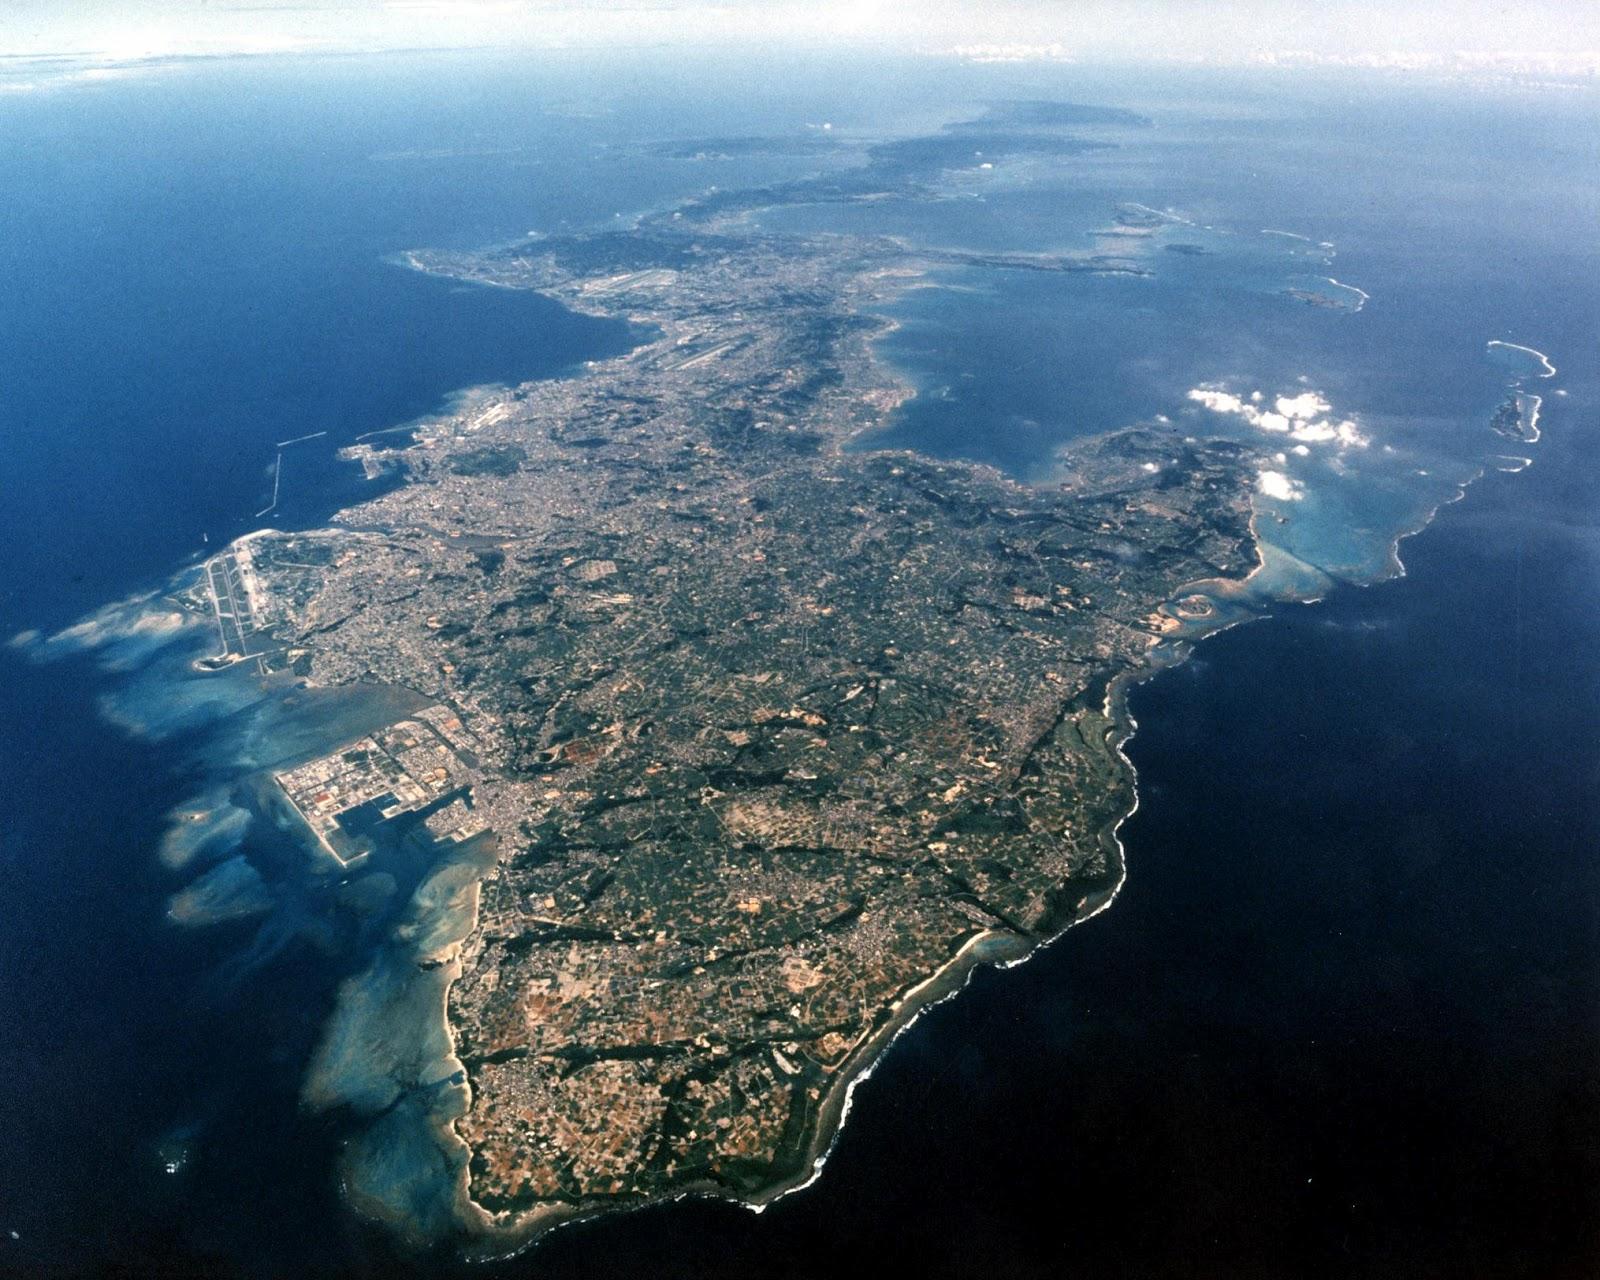 isla de okinawa 2